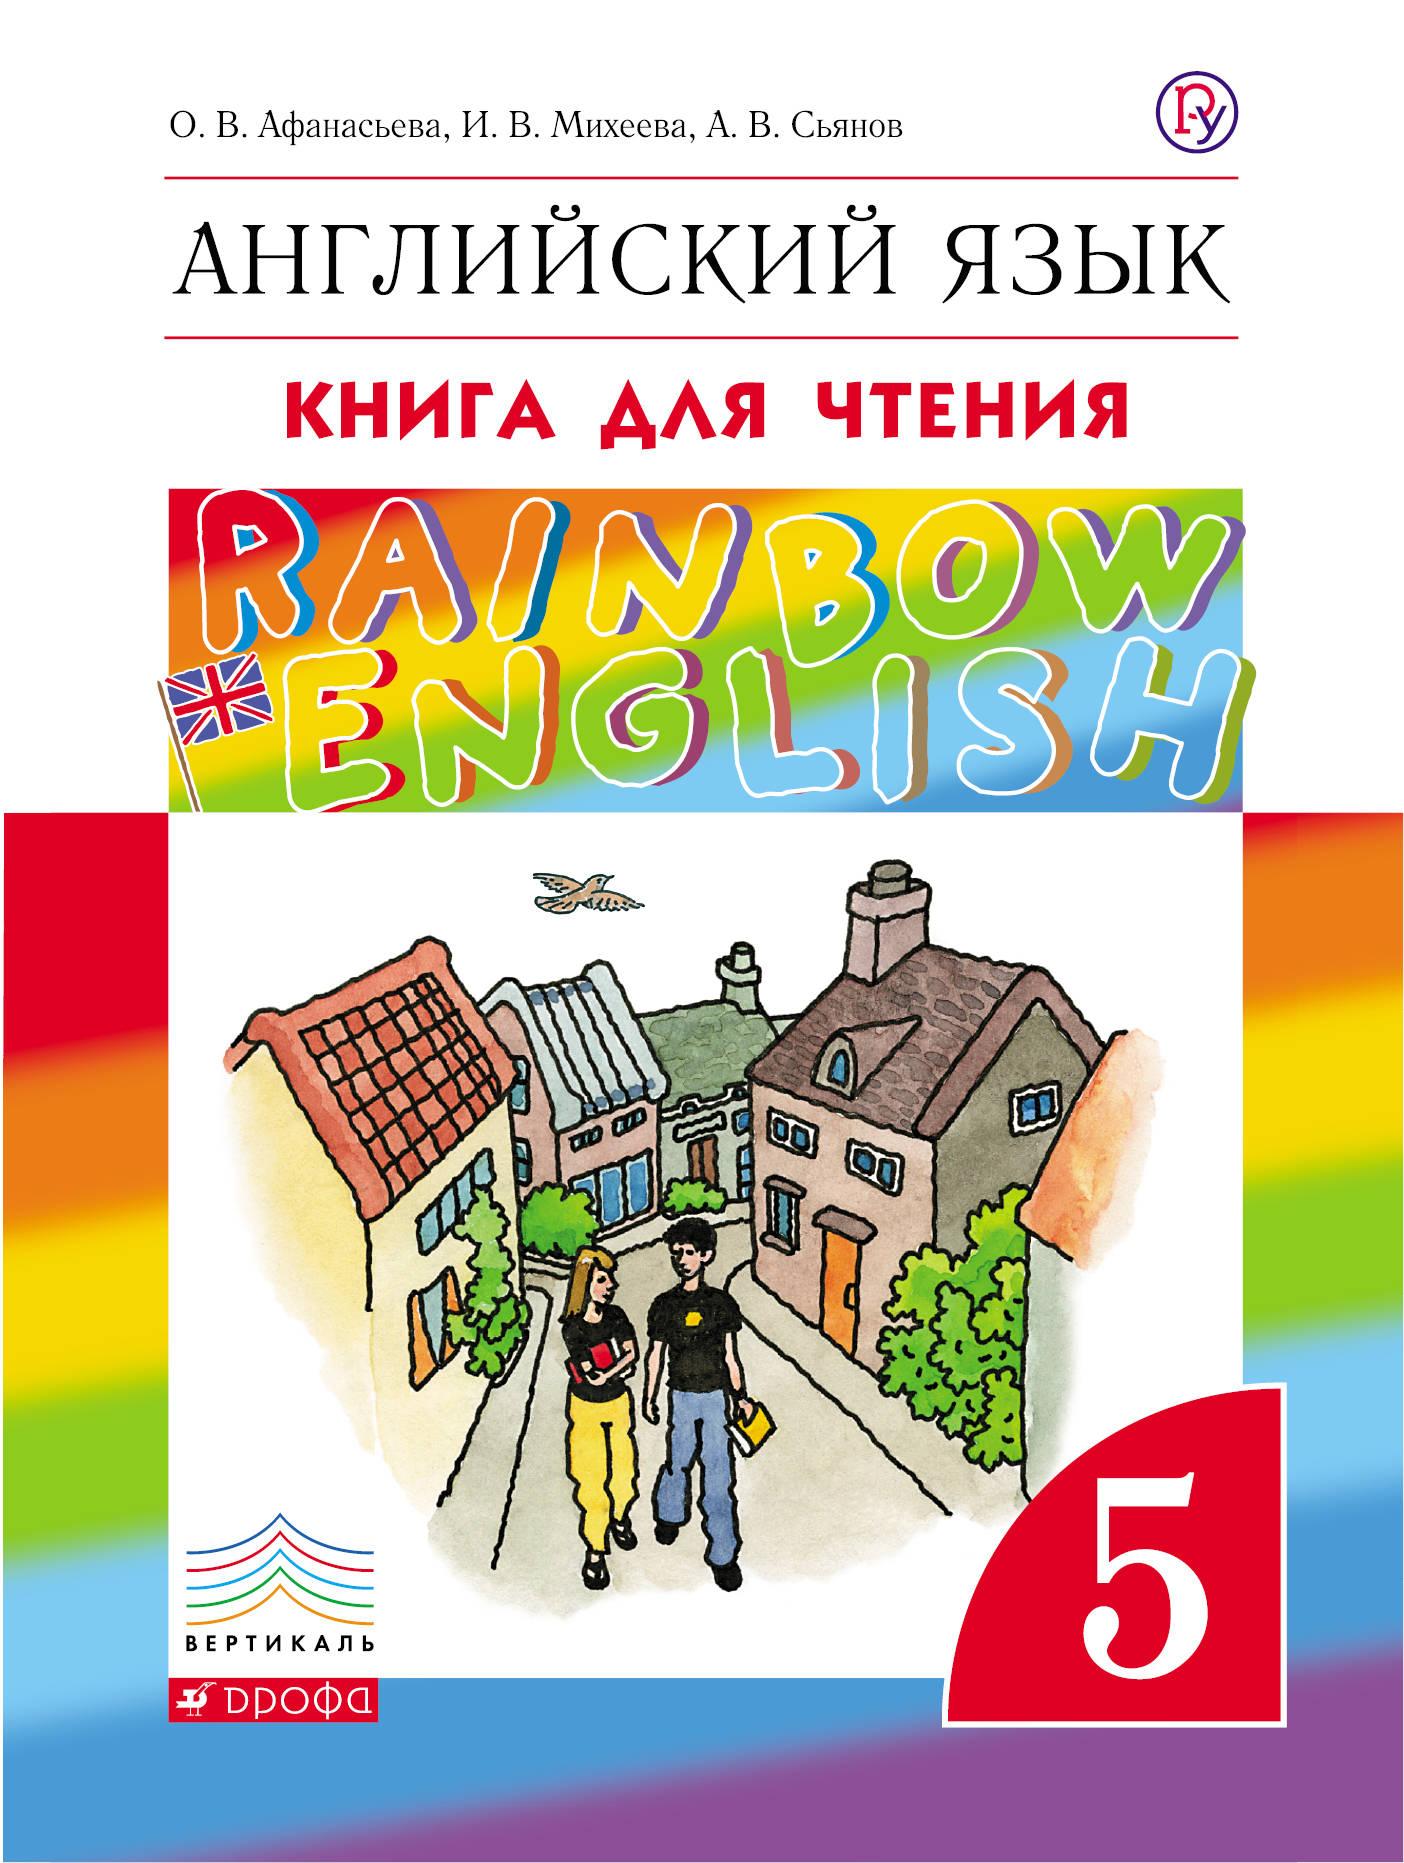 О. В. Афанасьева, И. В. Михеева, А. В. Сьянов Английский язык. 5 класс. Книга для чтения